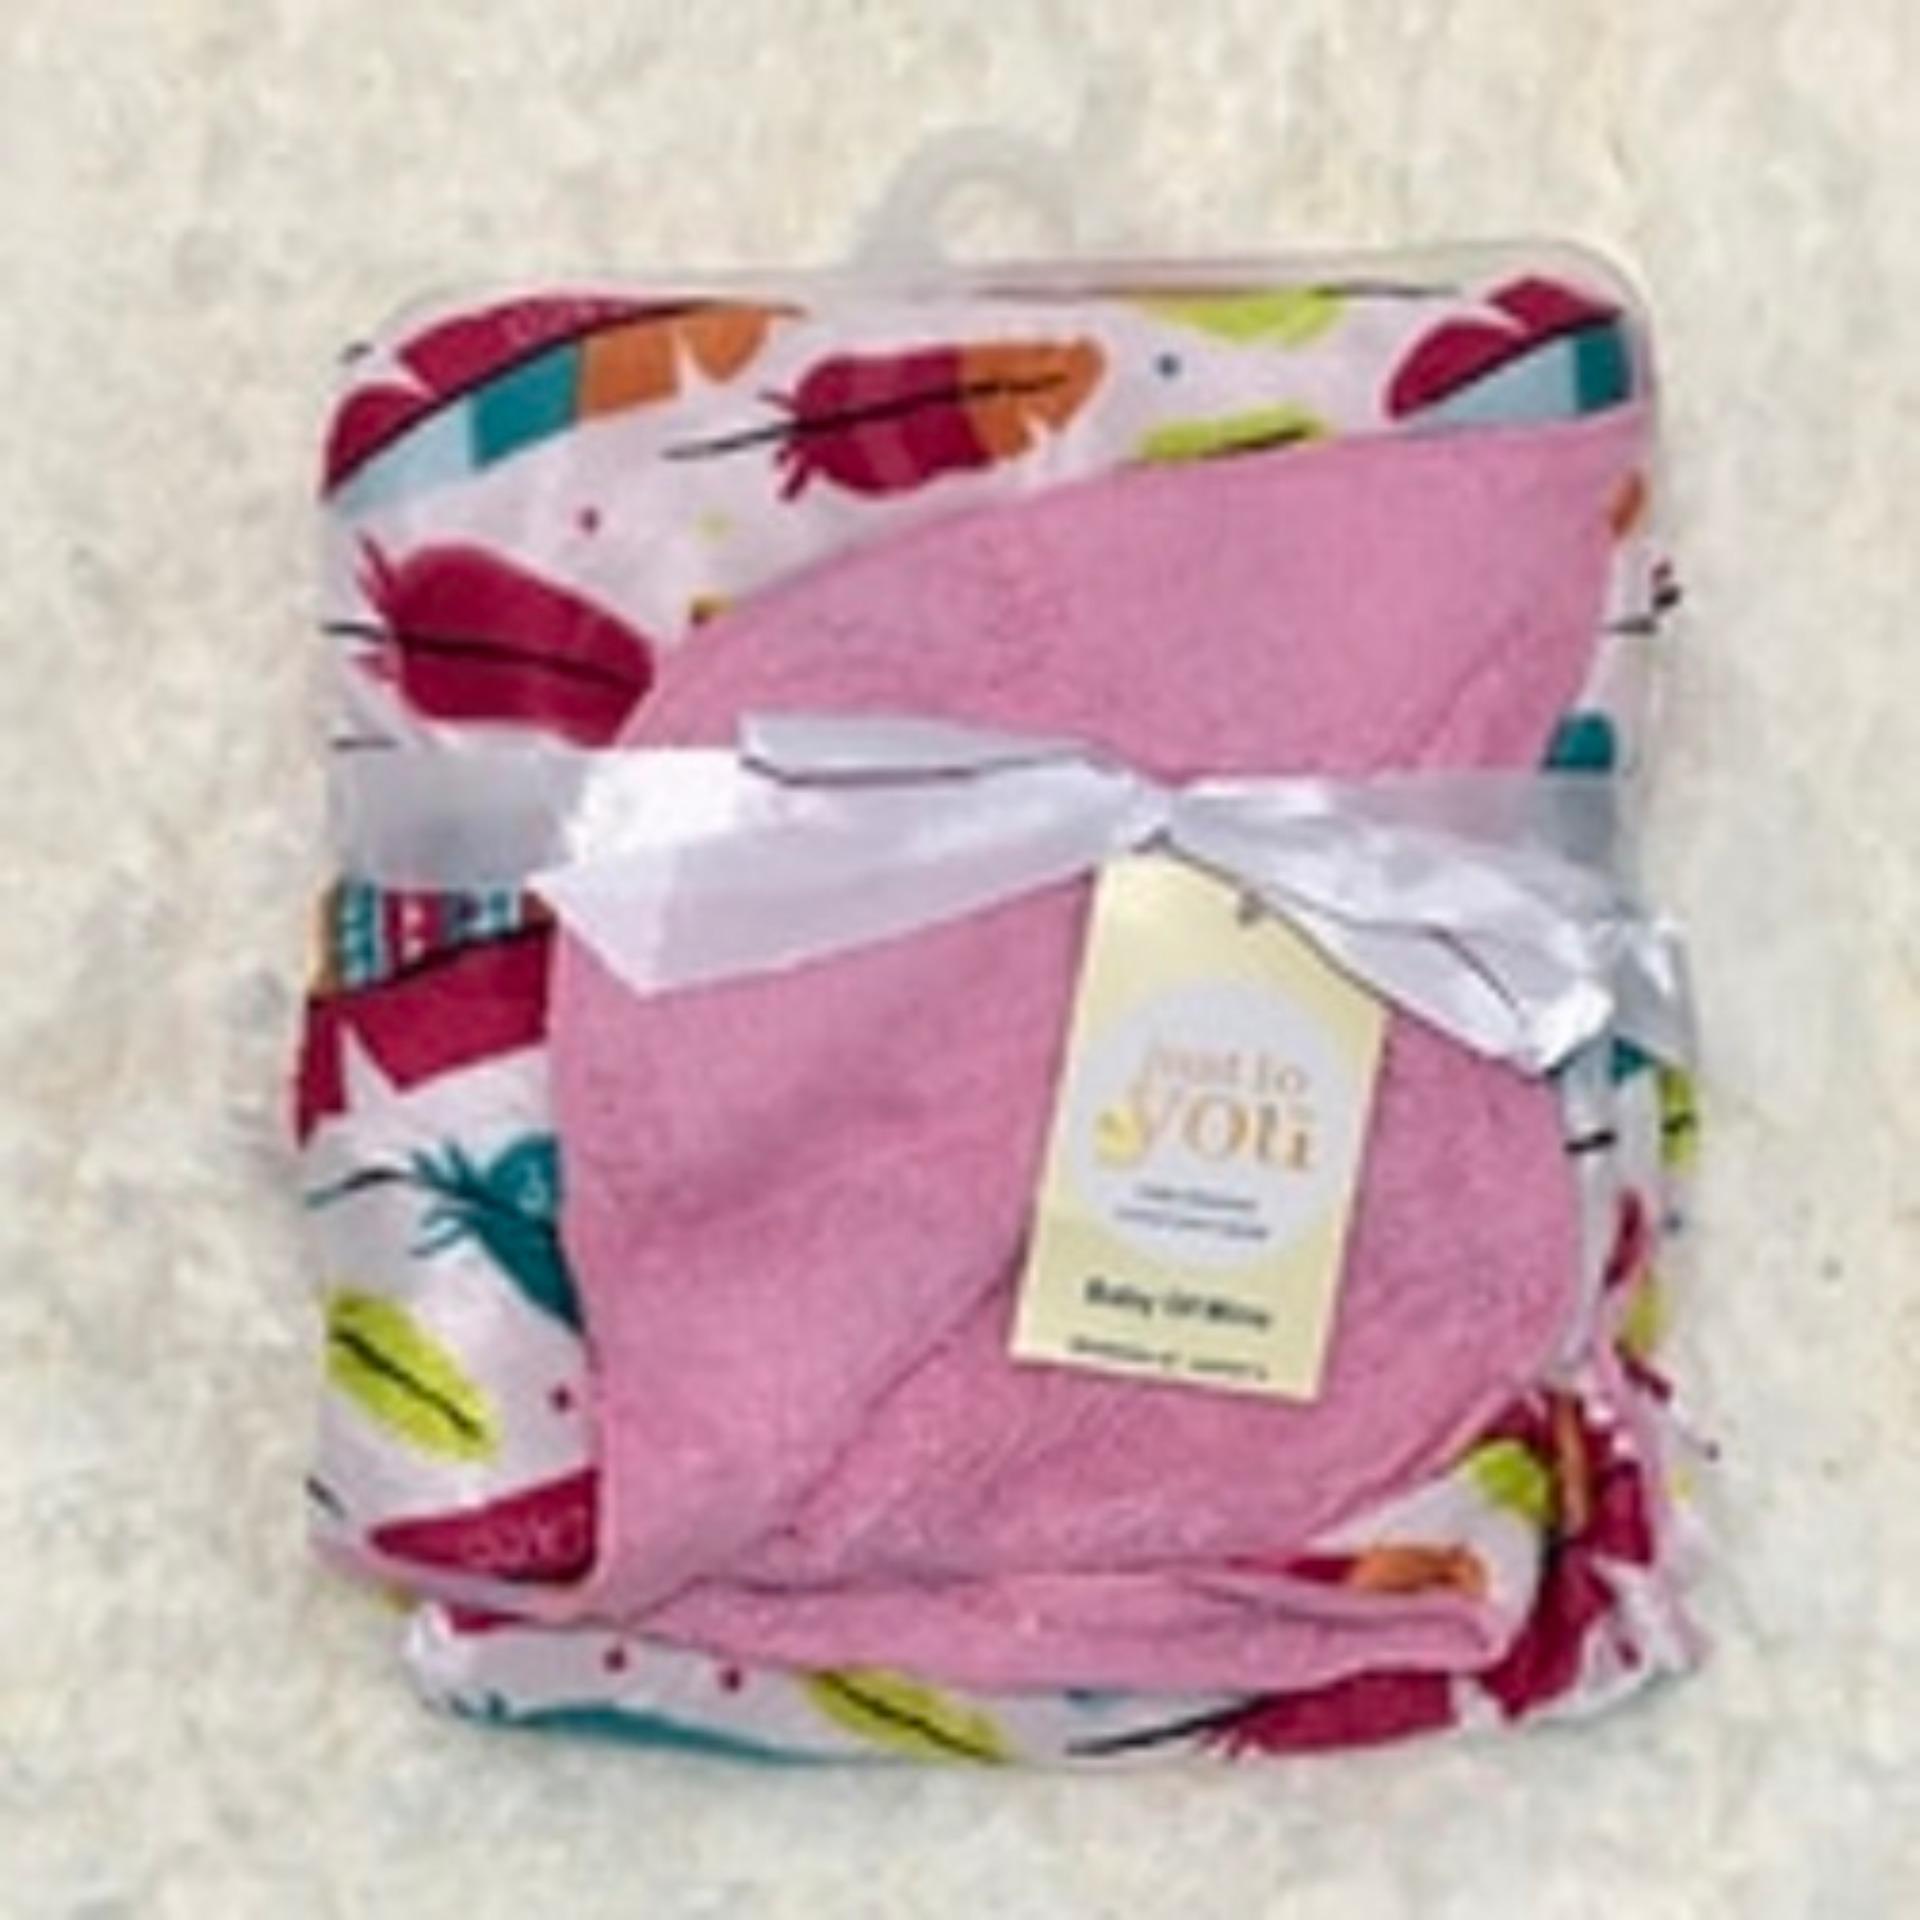 Harga Penawaran MomBaby Selimut Double Fleece - 0015 Pink discount - Hanya Rp37.974